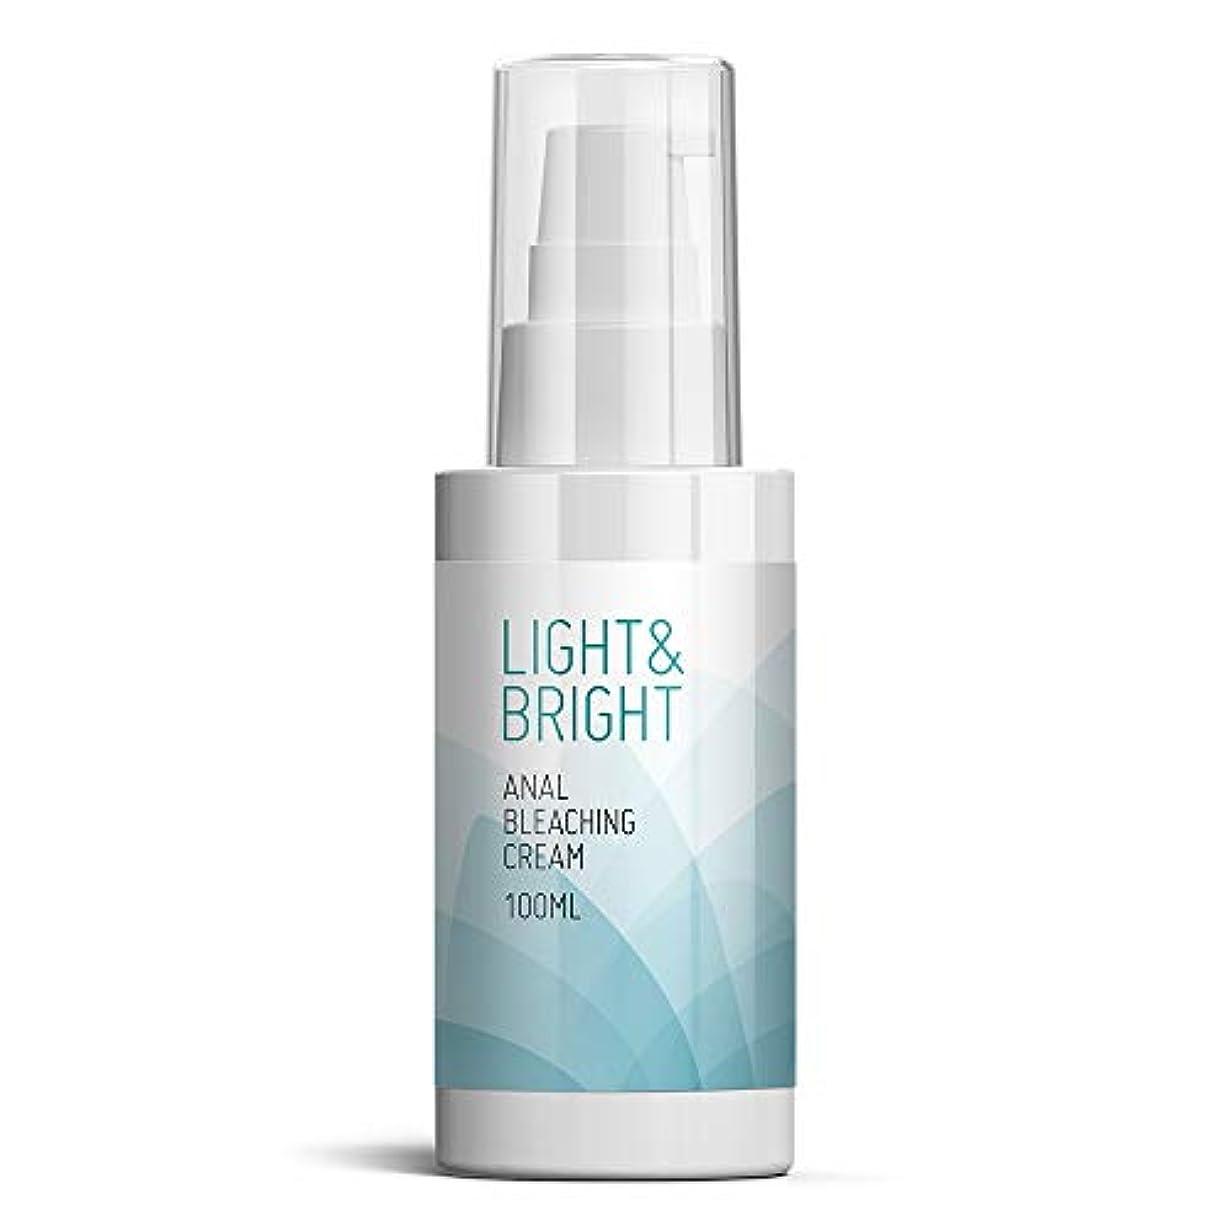 LIGHT & BRIGHT ANAL ライト&ブライトアーバンブリーチクリーム - ブリリアントホワイトニング